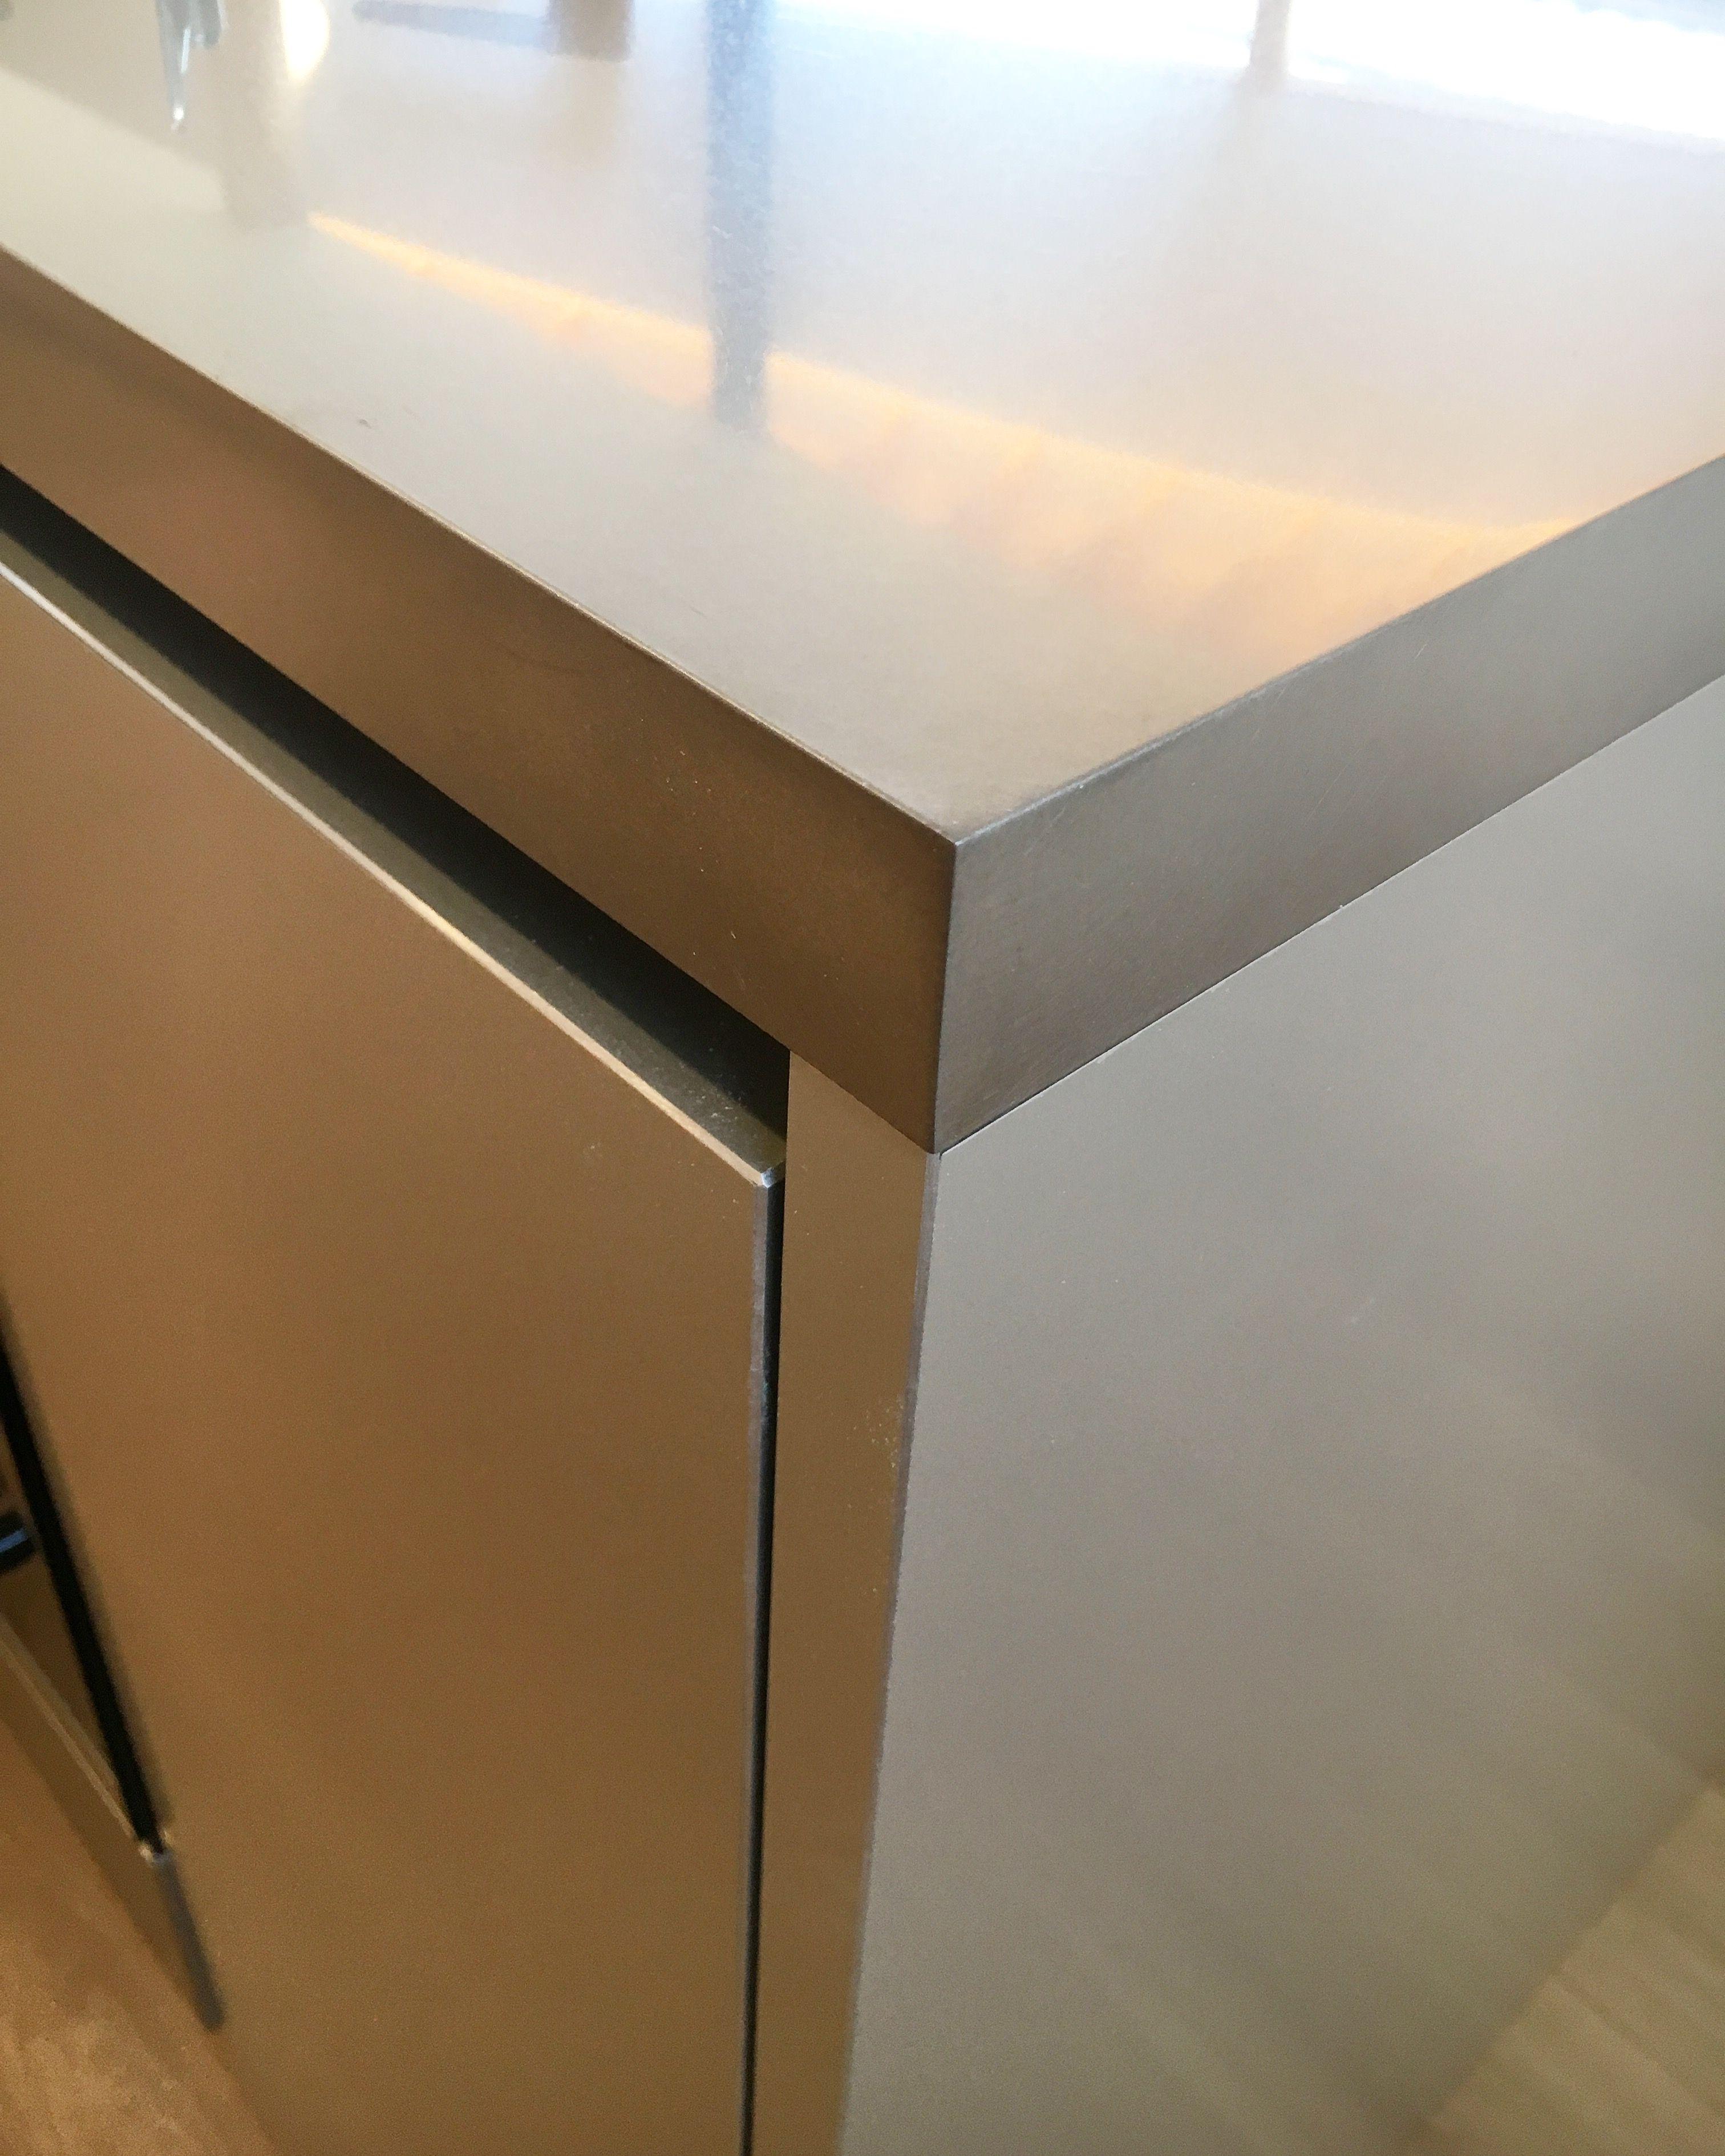 弊社のステンレス天板は角が丸くなく とてもシャープに仕上がってい